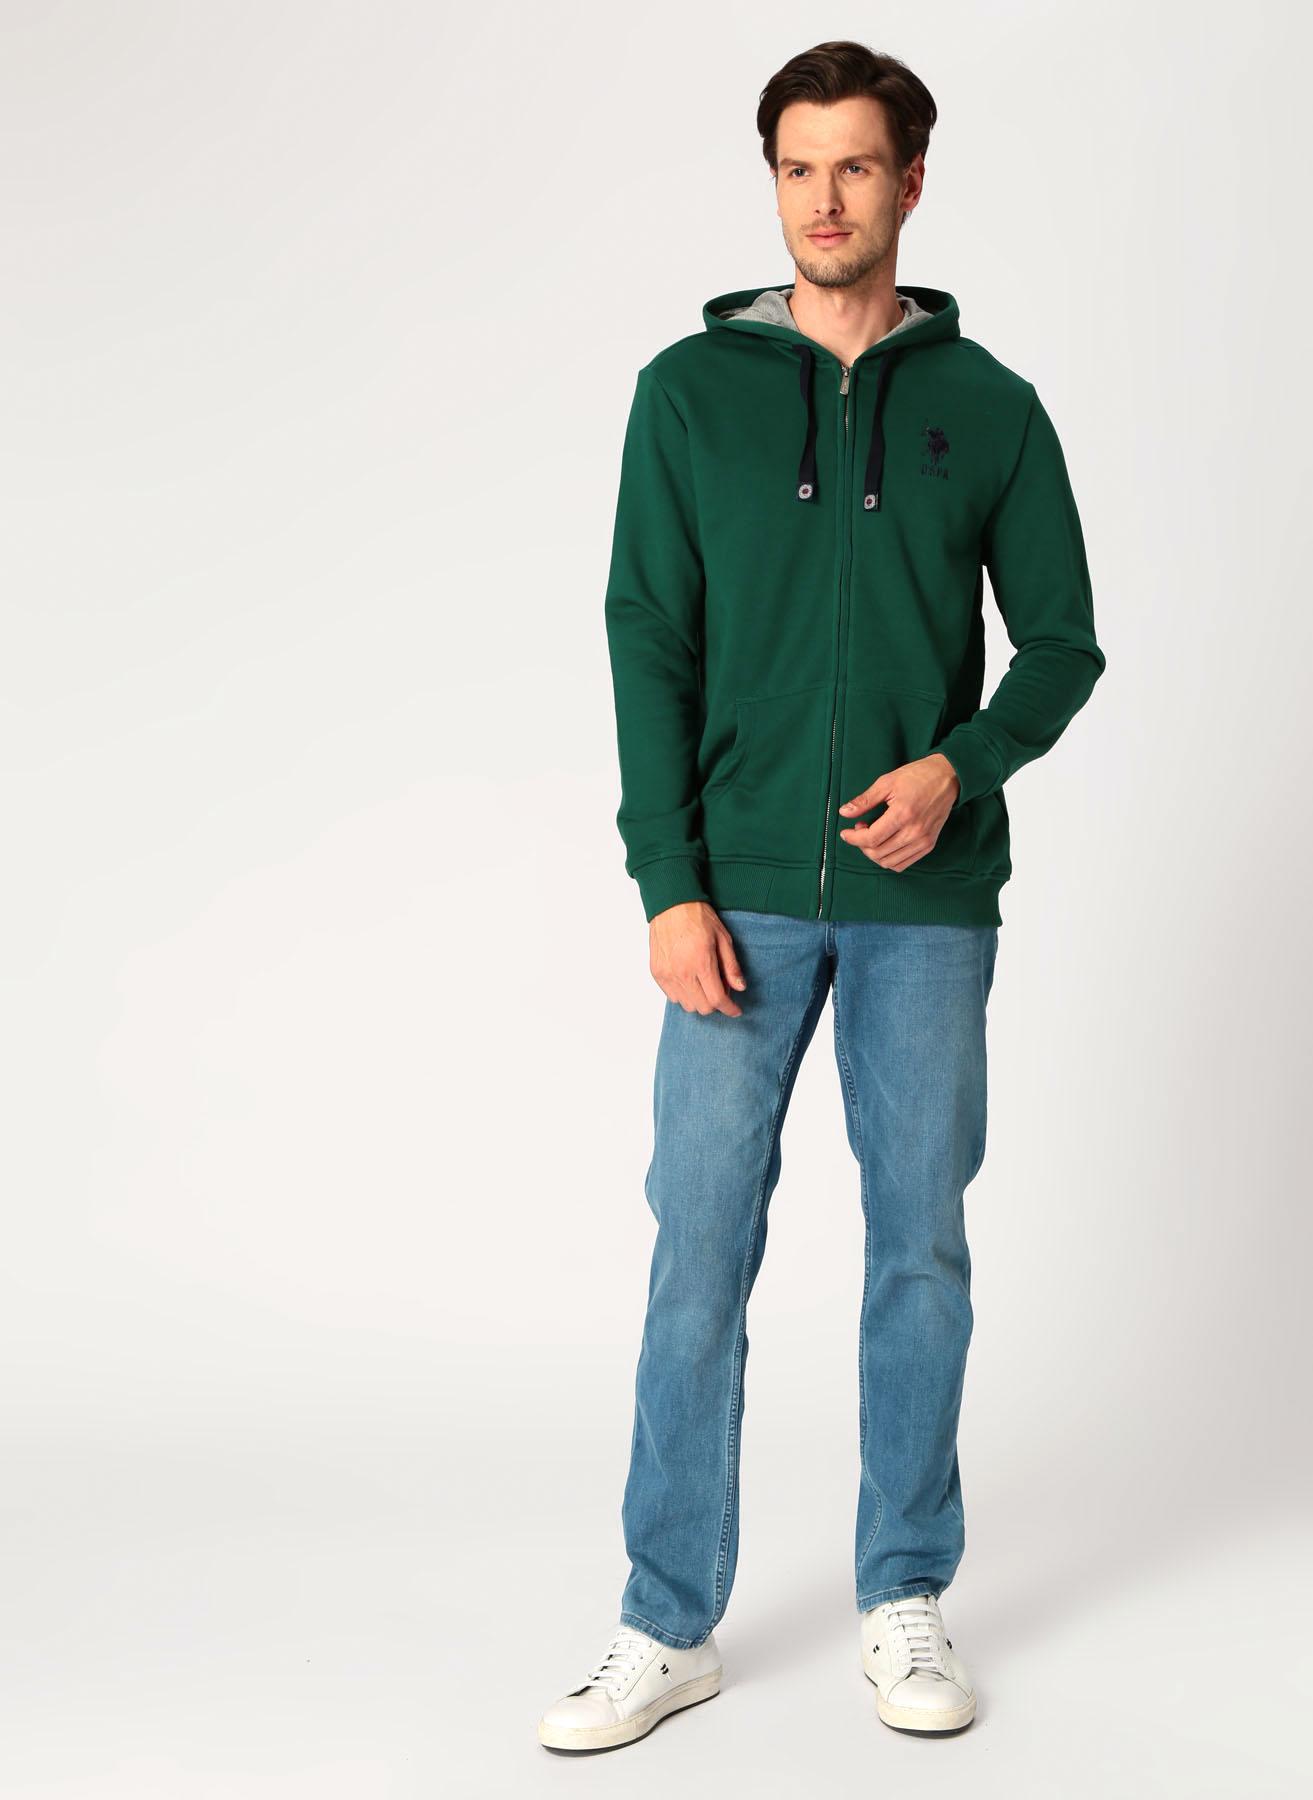 U.S. Polo Assn. Koyu Nefti Sweatshirt S 5001704838001 Ürün Resmi